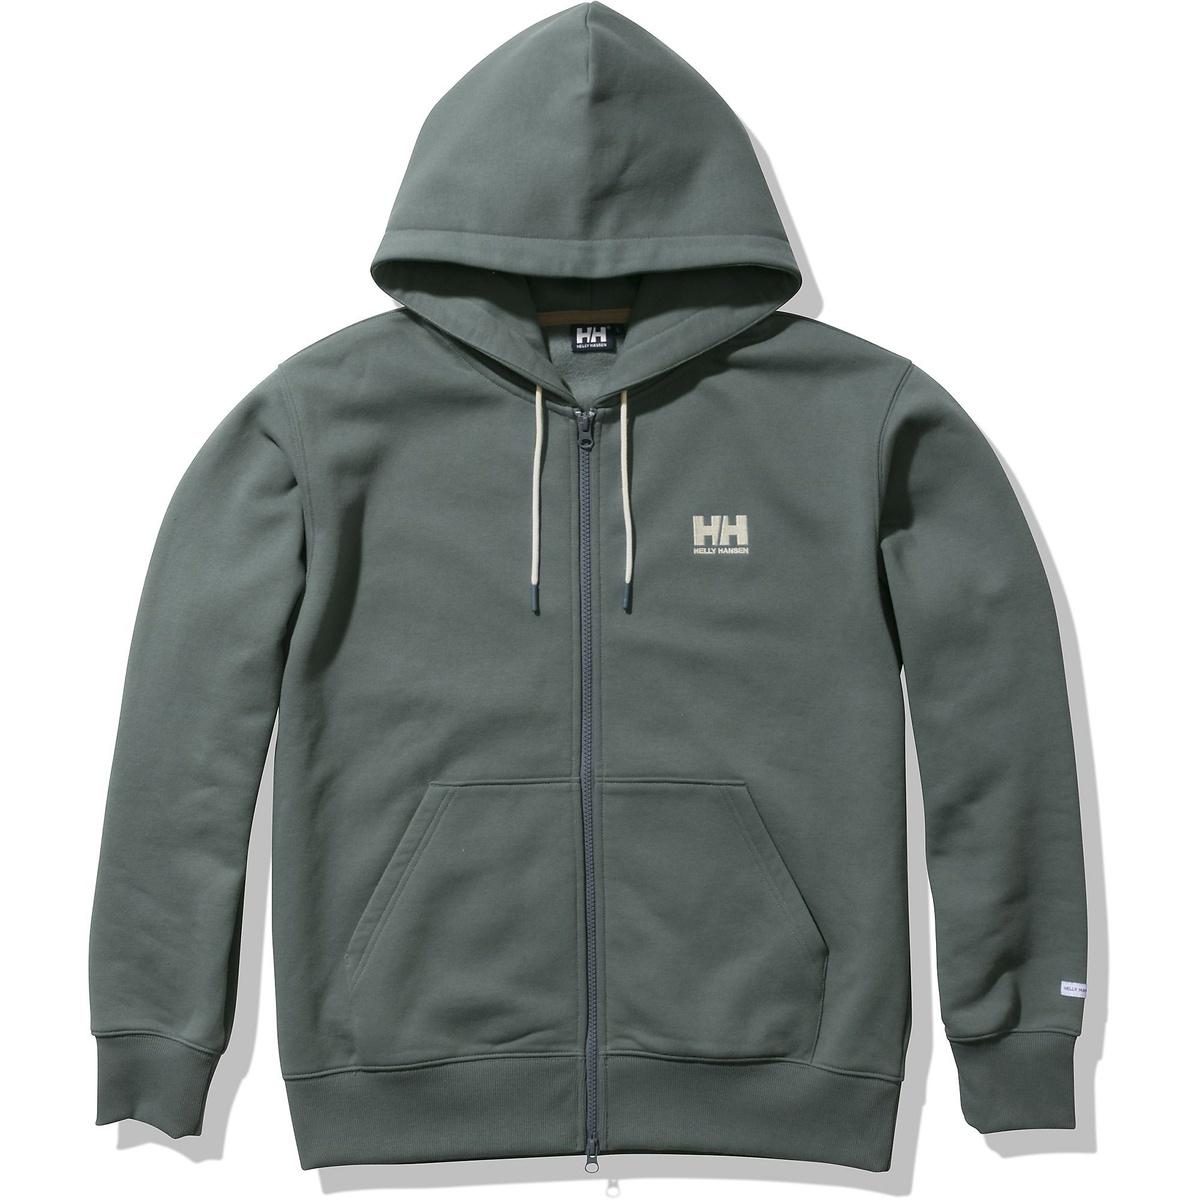 ヘリーハンセン トレッキング 再入荷 マーケティング 予約販売 アウトドア スウェット HH Logo Full-zip HHロゴフルジップスウェットフーディー Sweat FG HELLY HE32160 Hoodie HANSEN